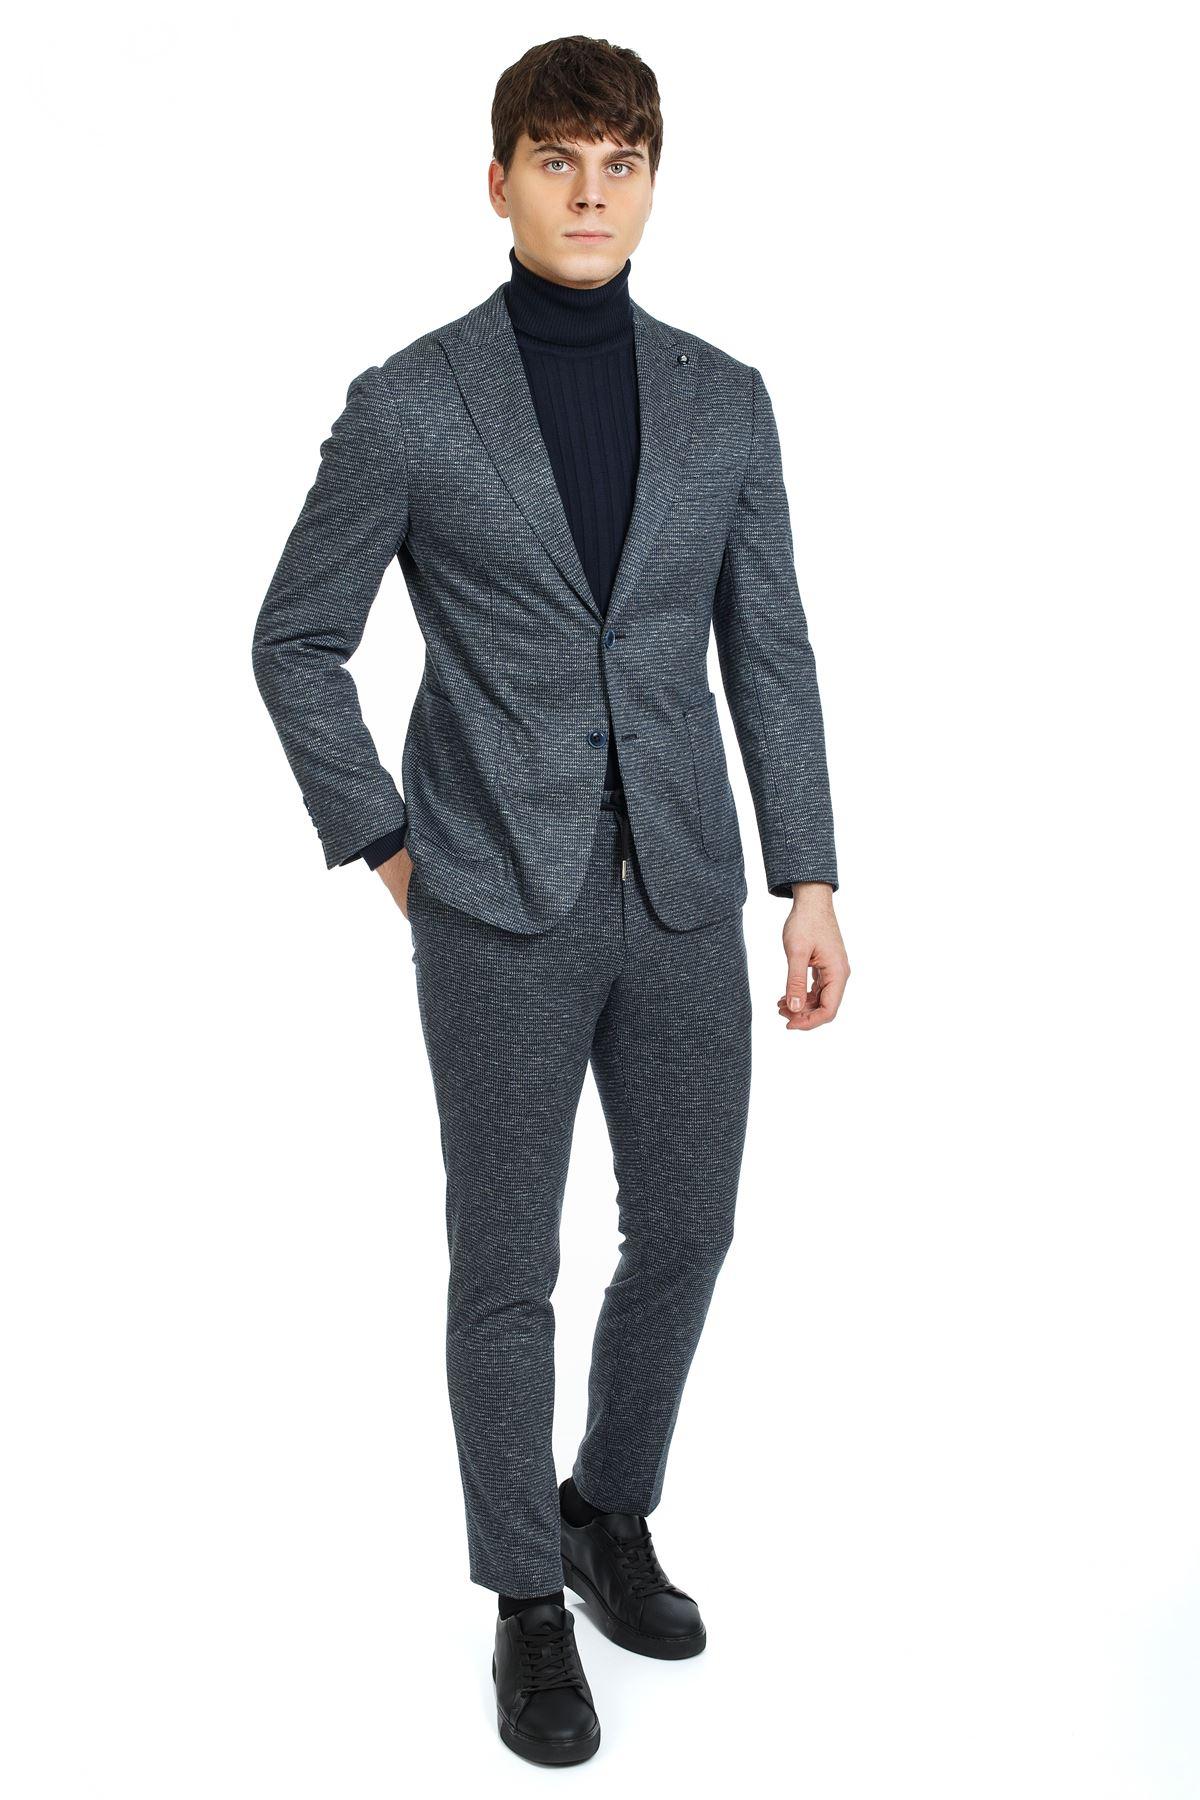 Lacivert Desenli Süper Slim Likralı Malzemesiz Spor Takım Elbise